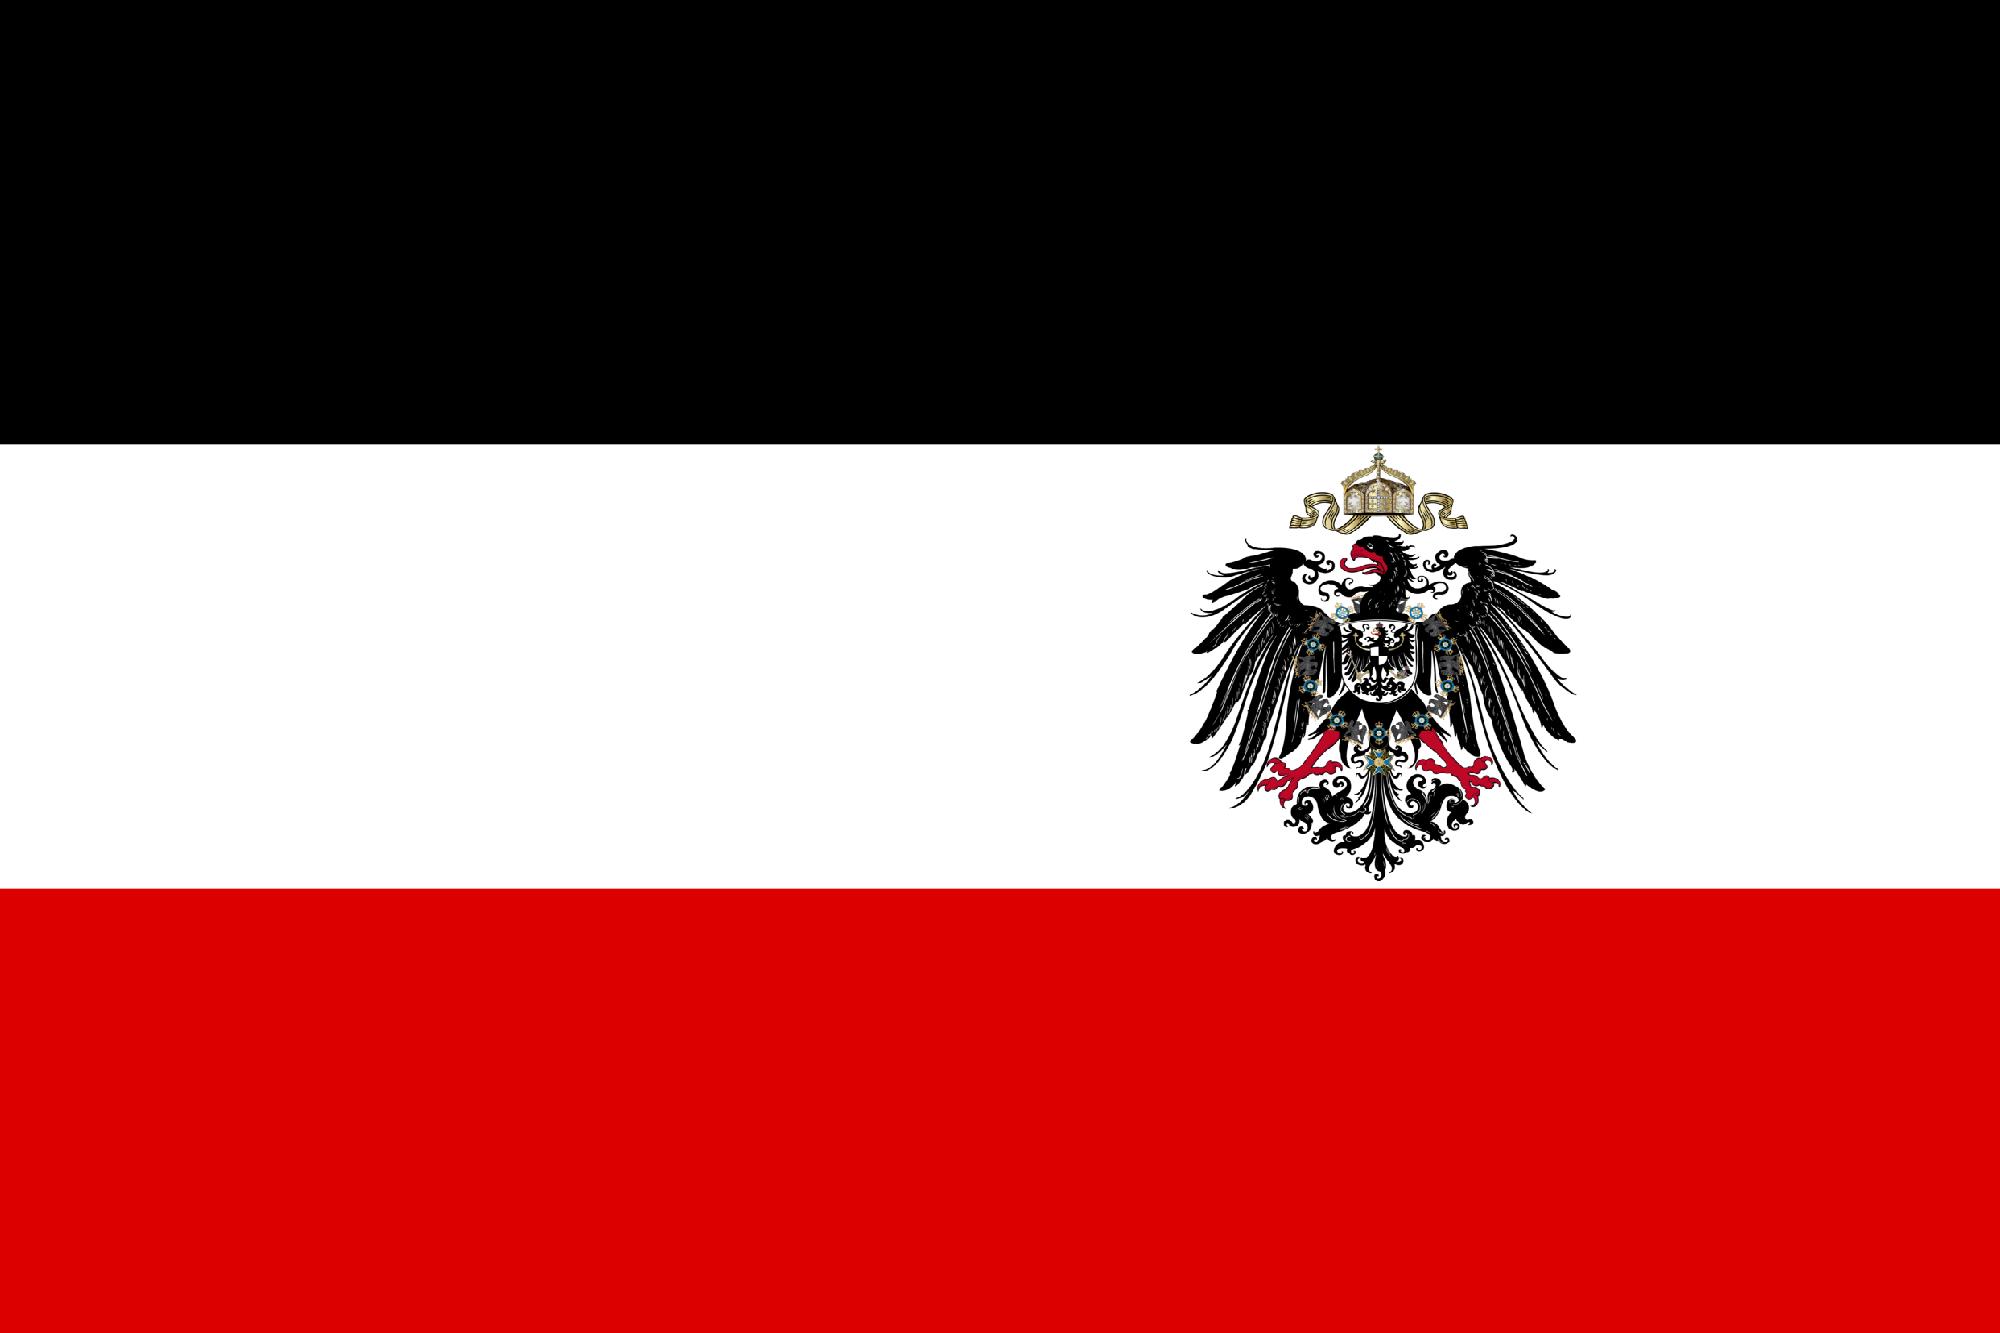 Bandera Imperio Unido Alemán.png